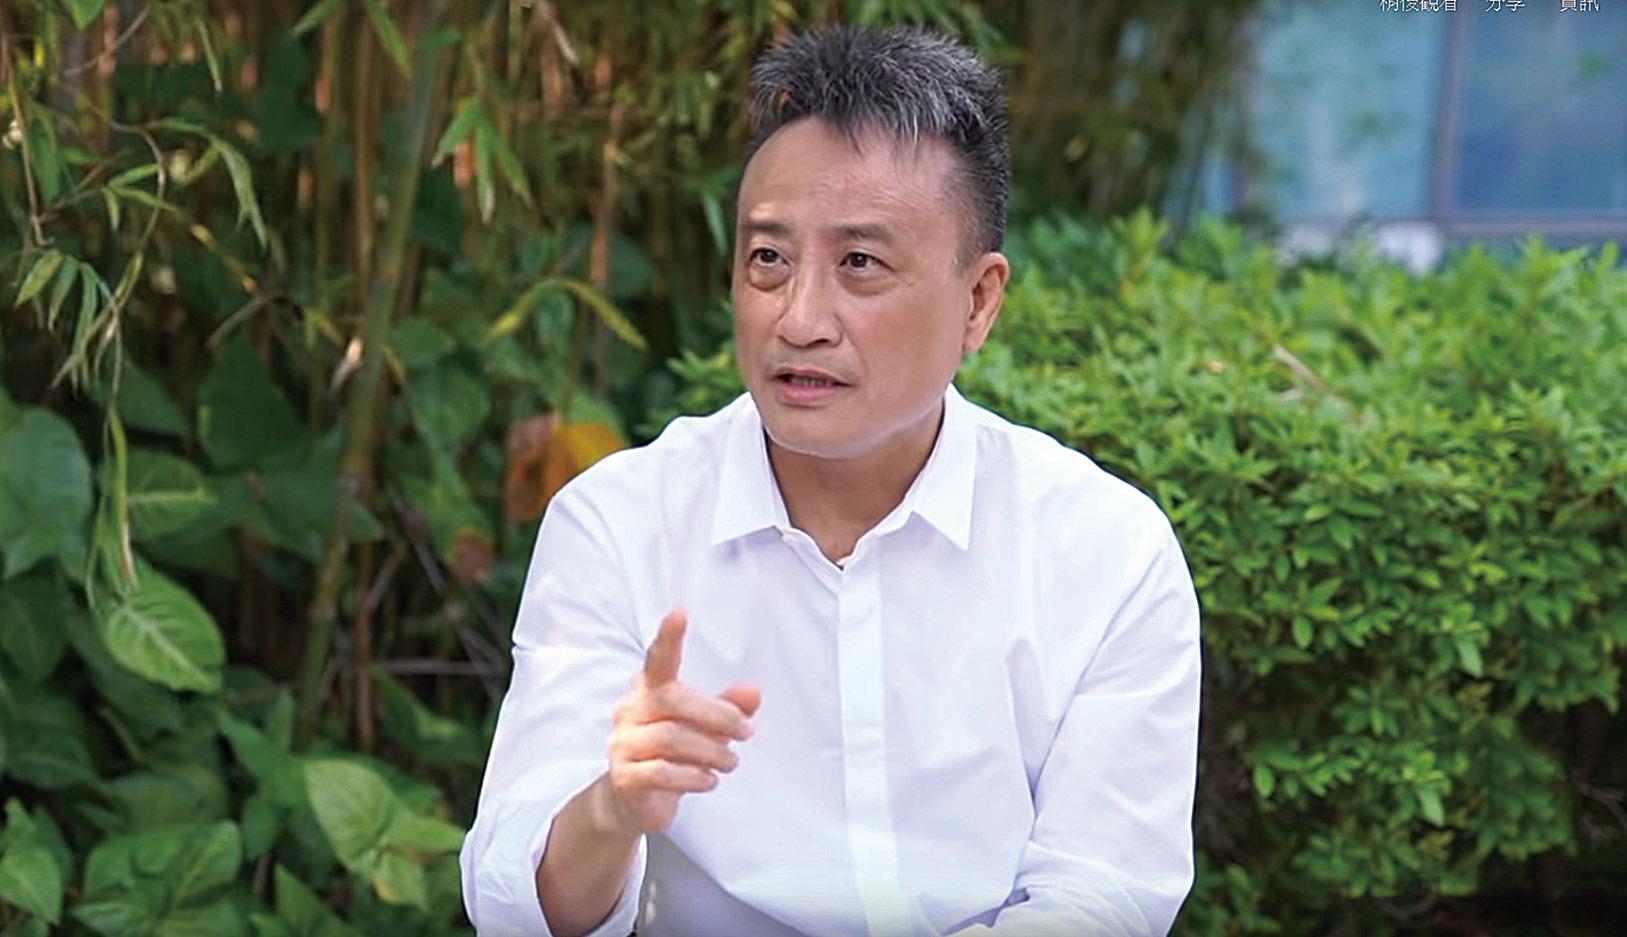 香港資深銀行家、時事評論員吳明德教授。(大紀元)